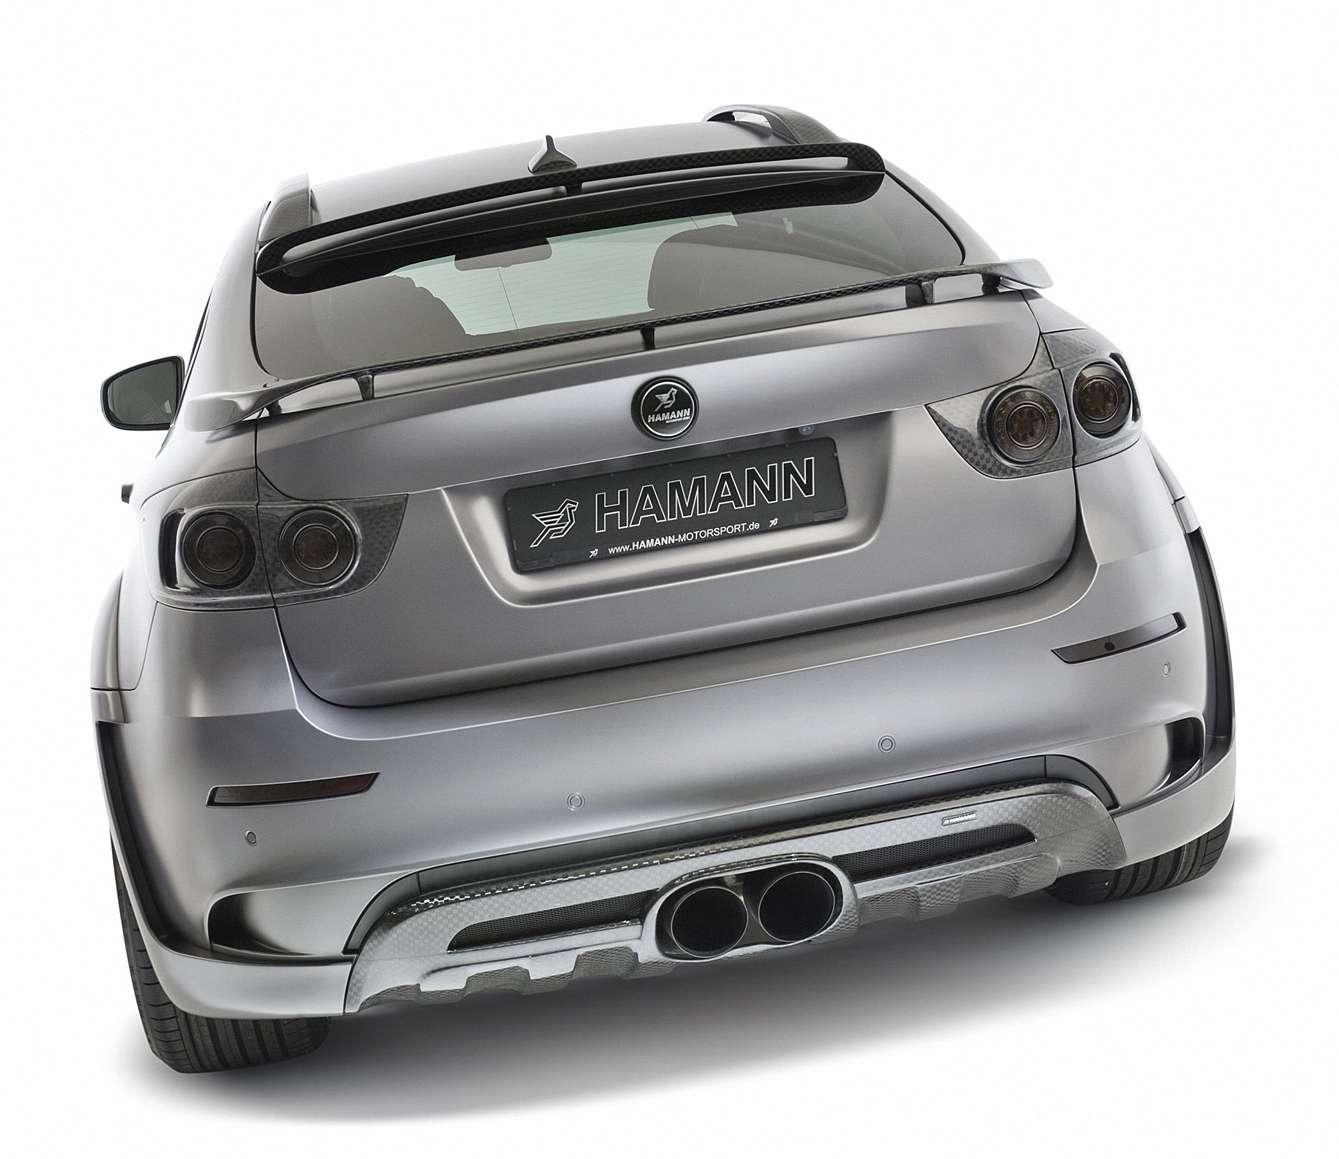 Bmw X6m Hamann Price: Különleges Autók